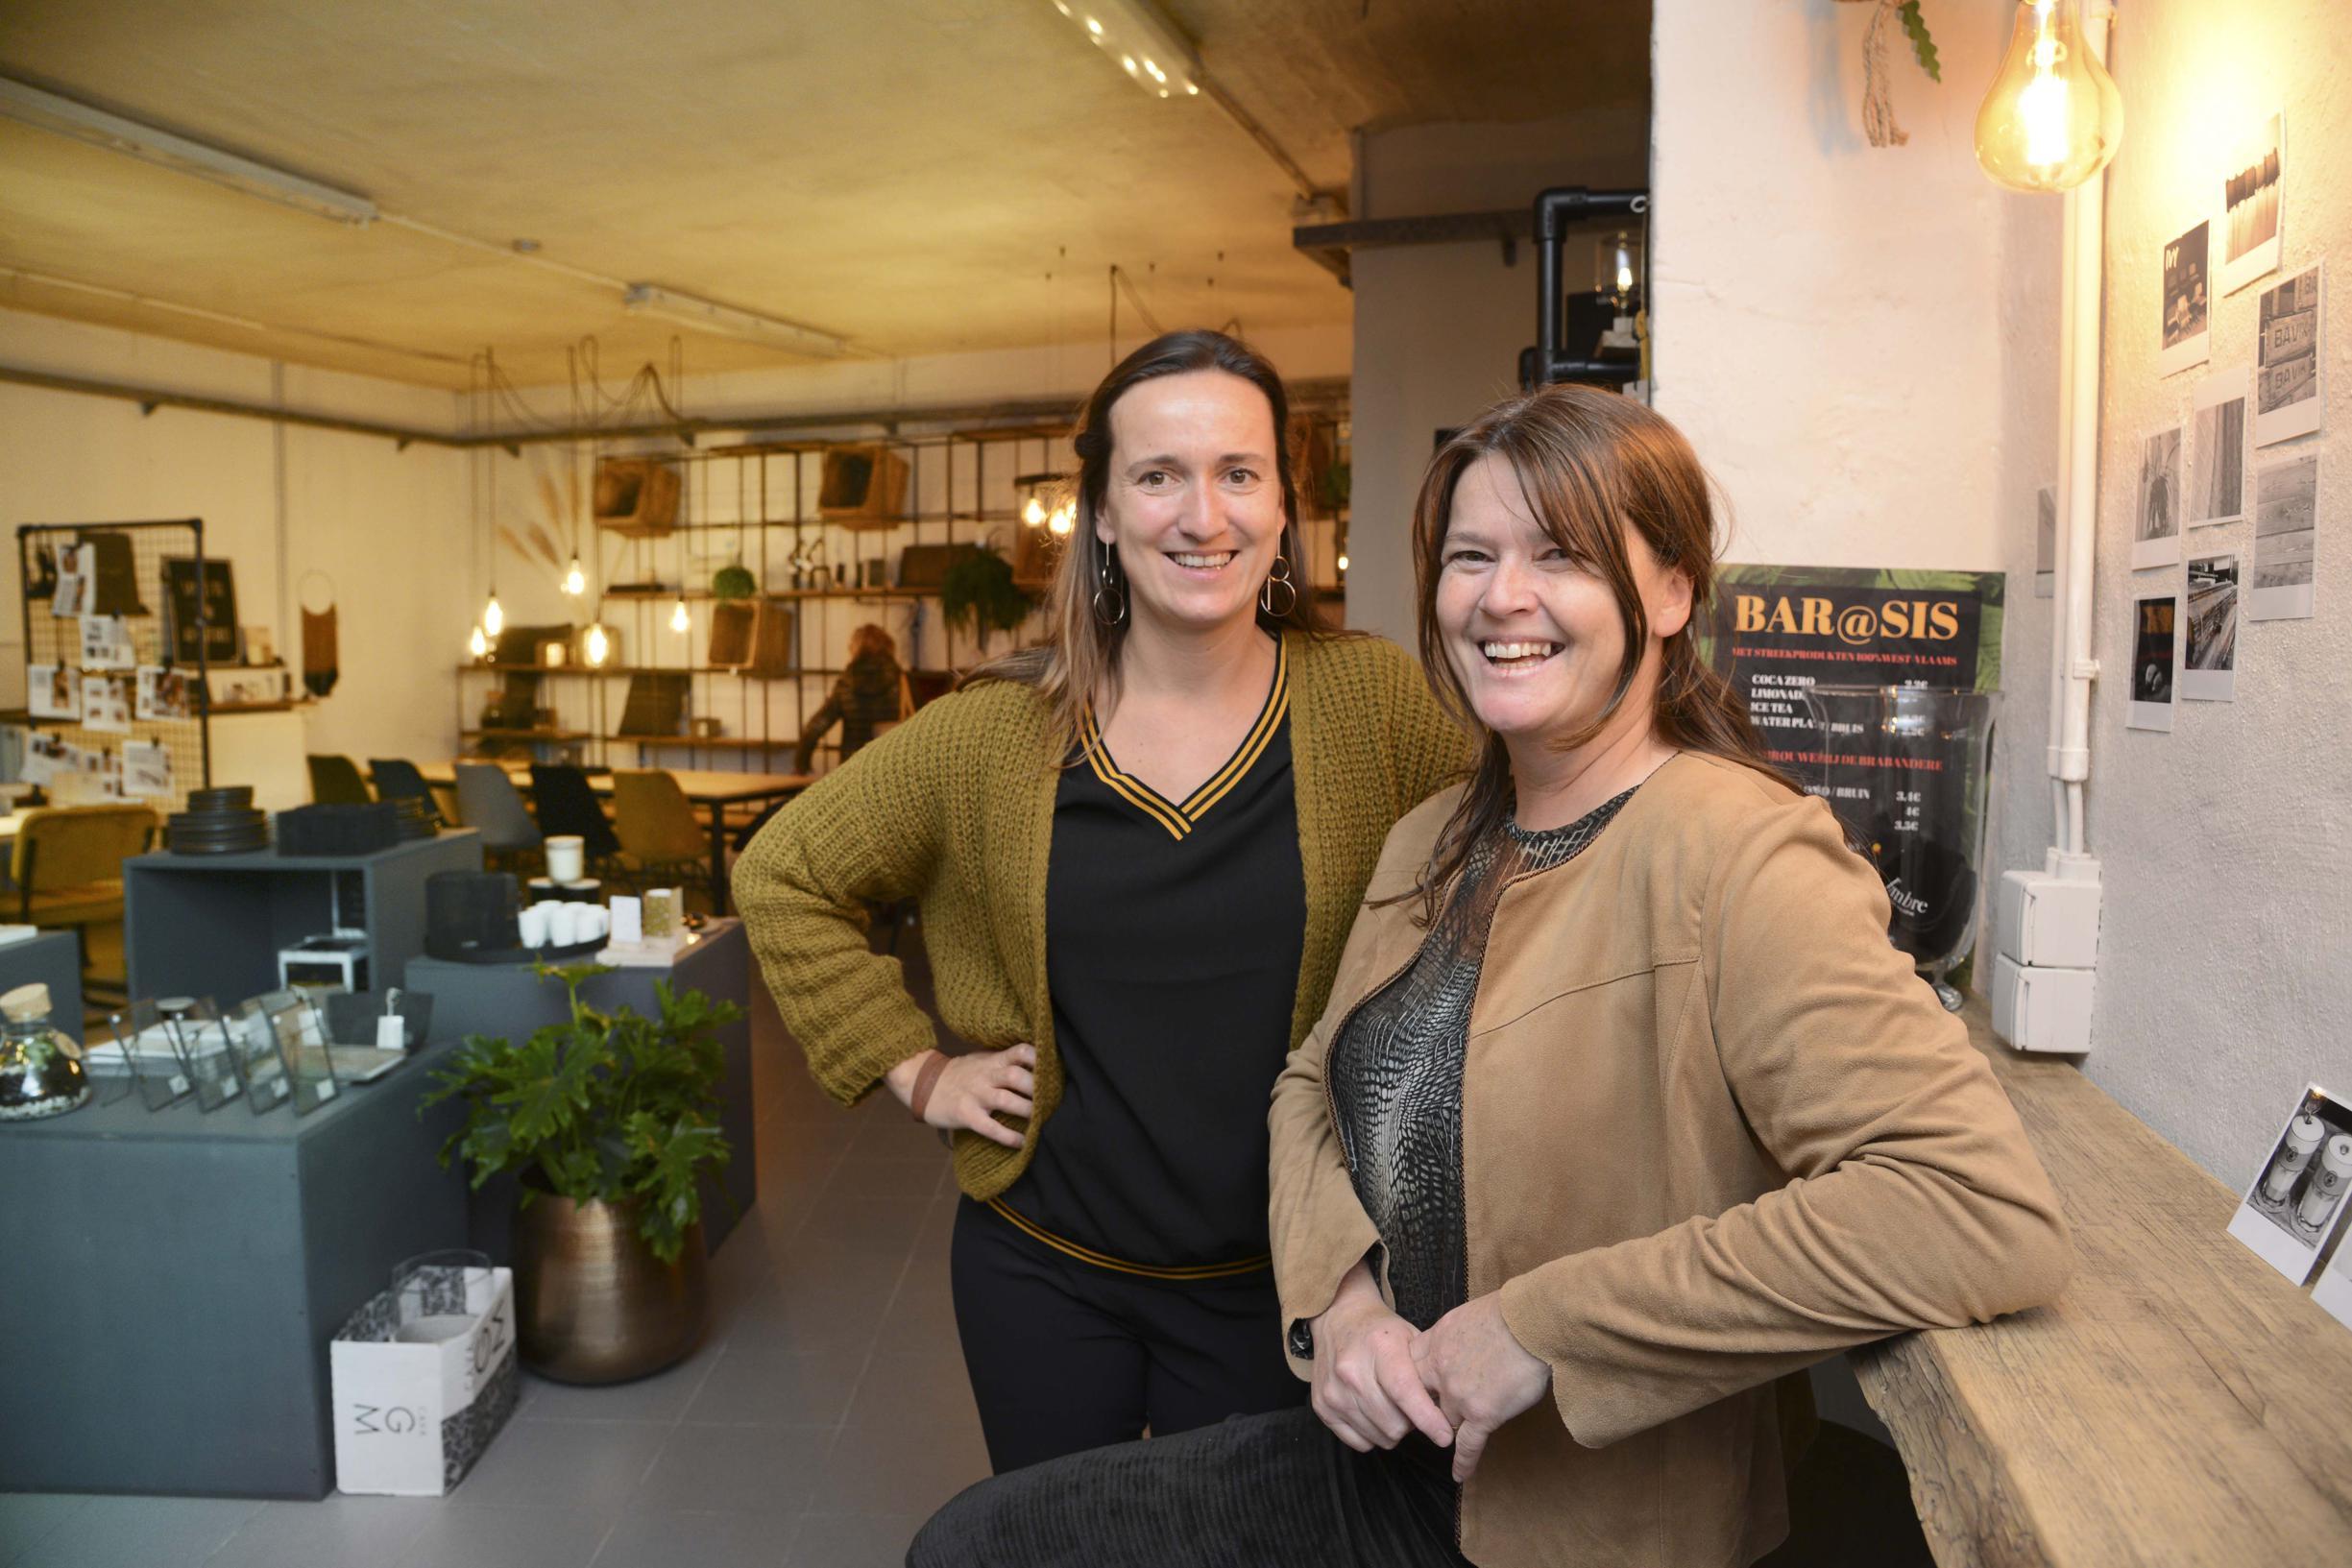 Zussen toveren kunstatelier om tot tijdelijke interieurbar (Torhout) - Het Nieuwsblad